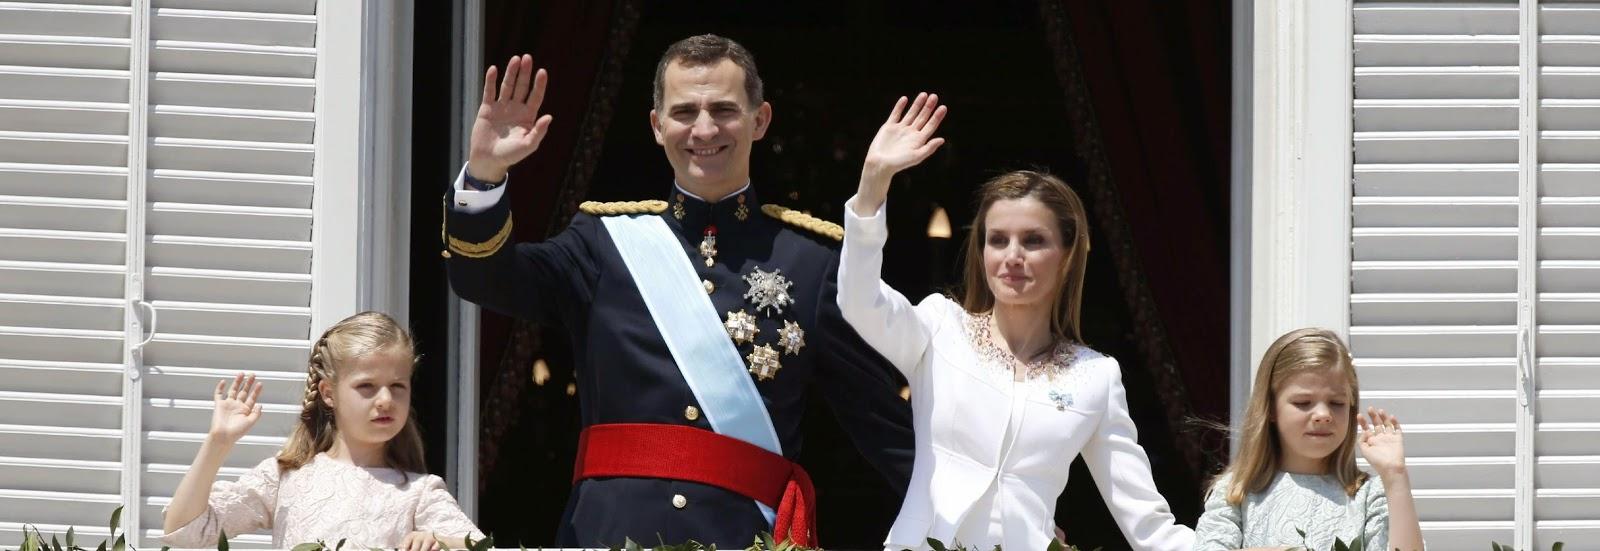 Proclamación de Su Majestad el Rey Don Felipe VI